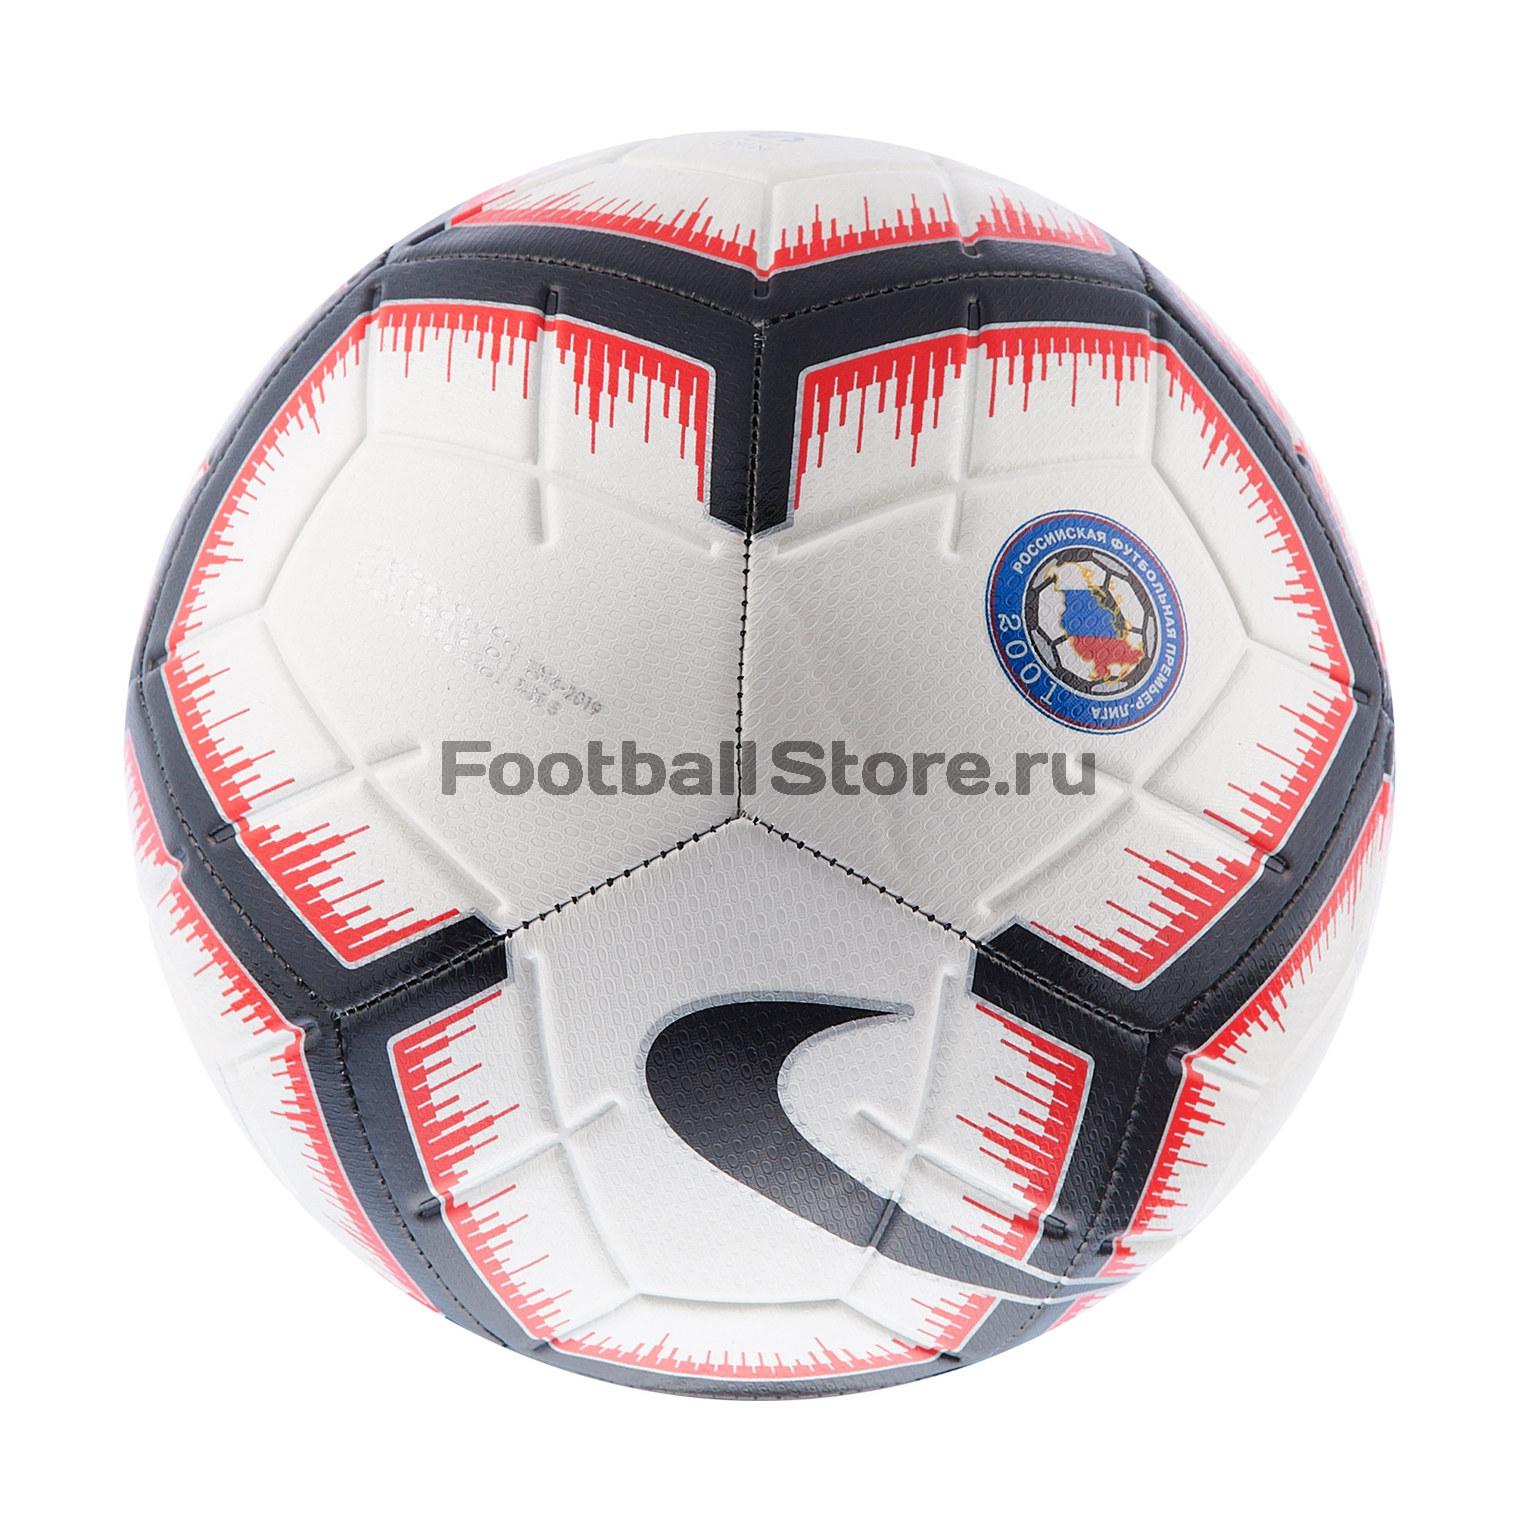 Футбольный мяч Nike RPL (Россия) Strike SC3514-100 игрушечное оружие яигрушка игрушечный деревянный кинжал